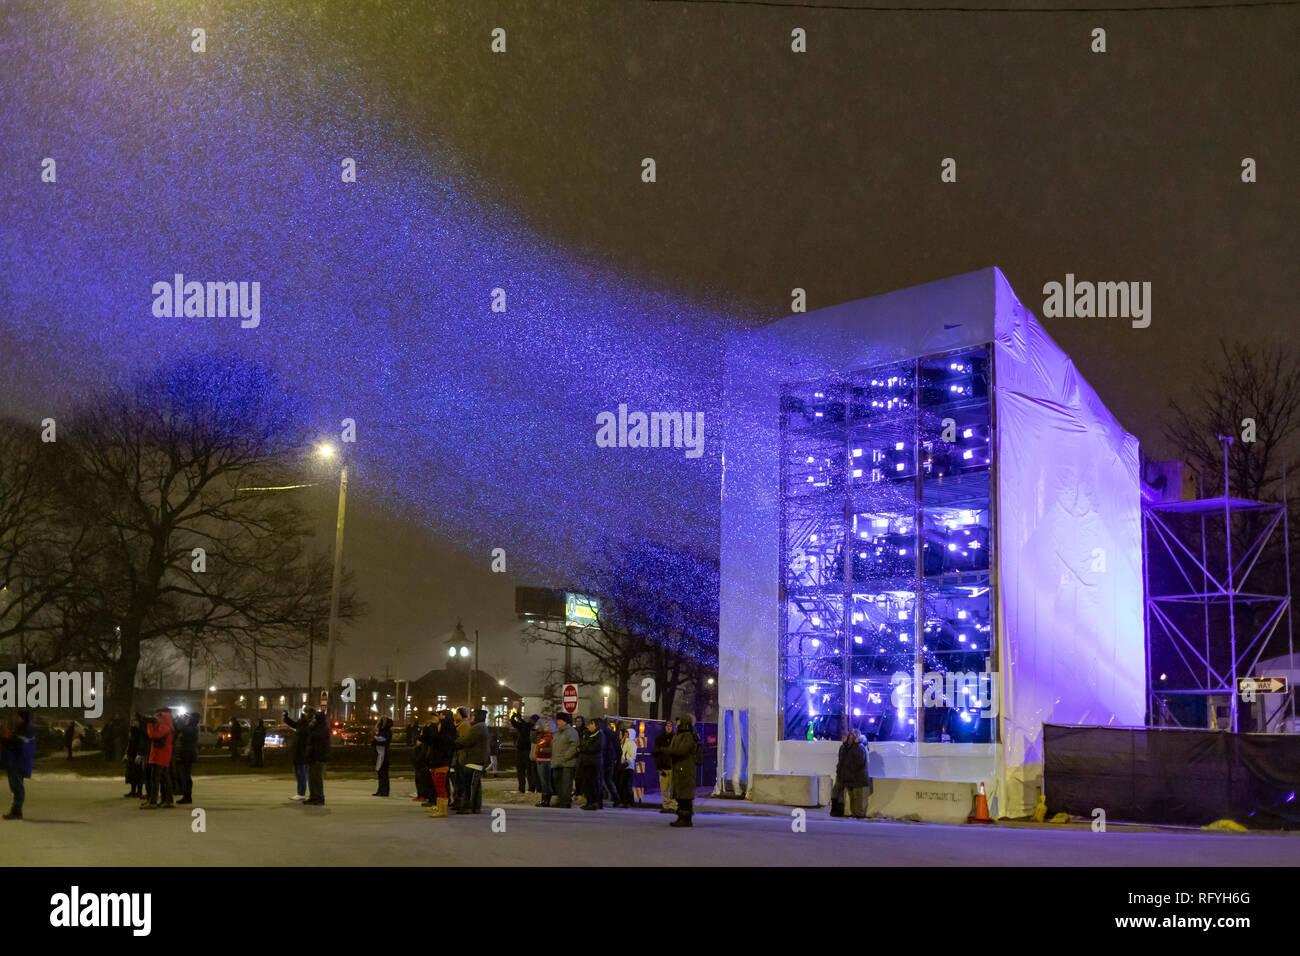 Detroit, Michigan - Menschen während eines Schneesturms wie Ford Motor Company projiziert eine Lichtshow auf die Michigan Central Railroad Station als Teil o beobachtete Stockbild